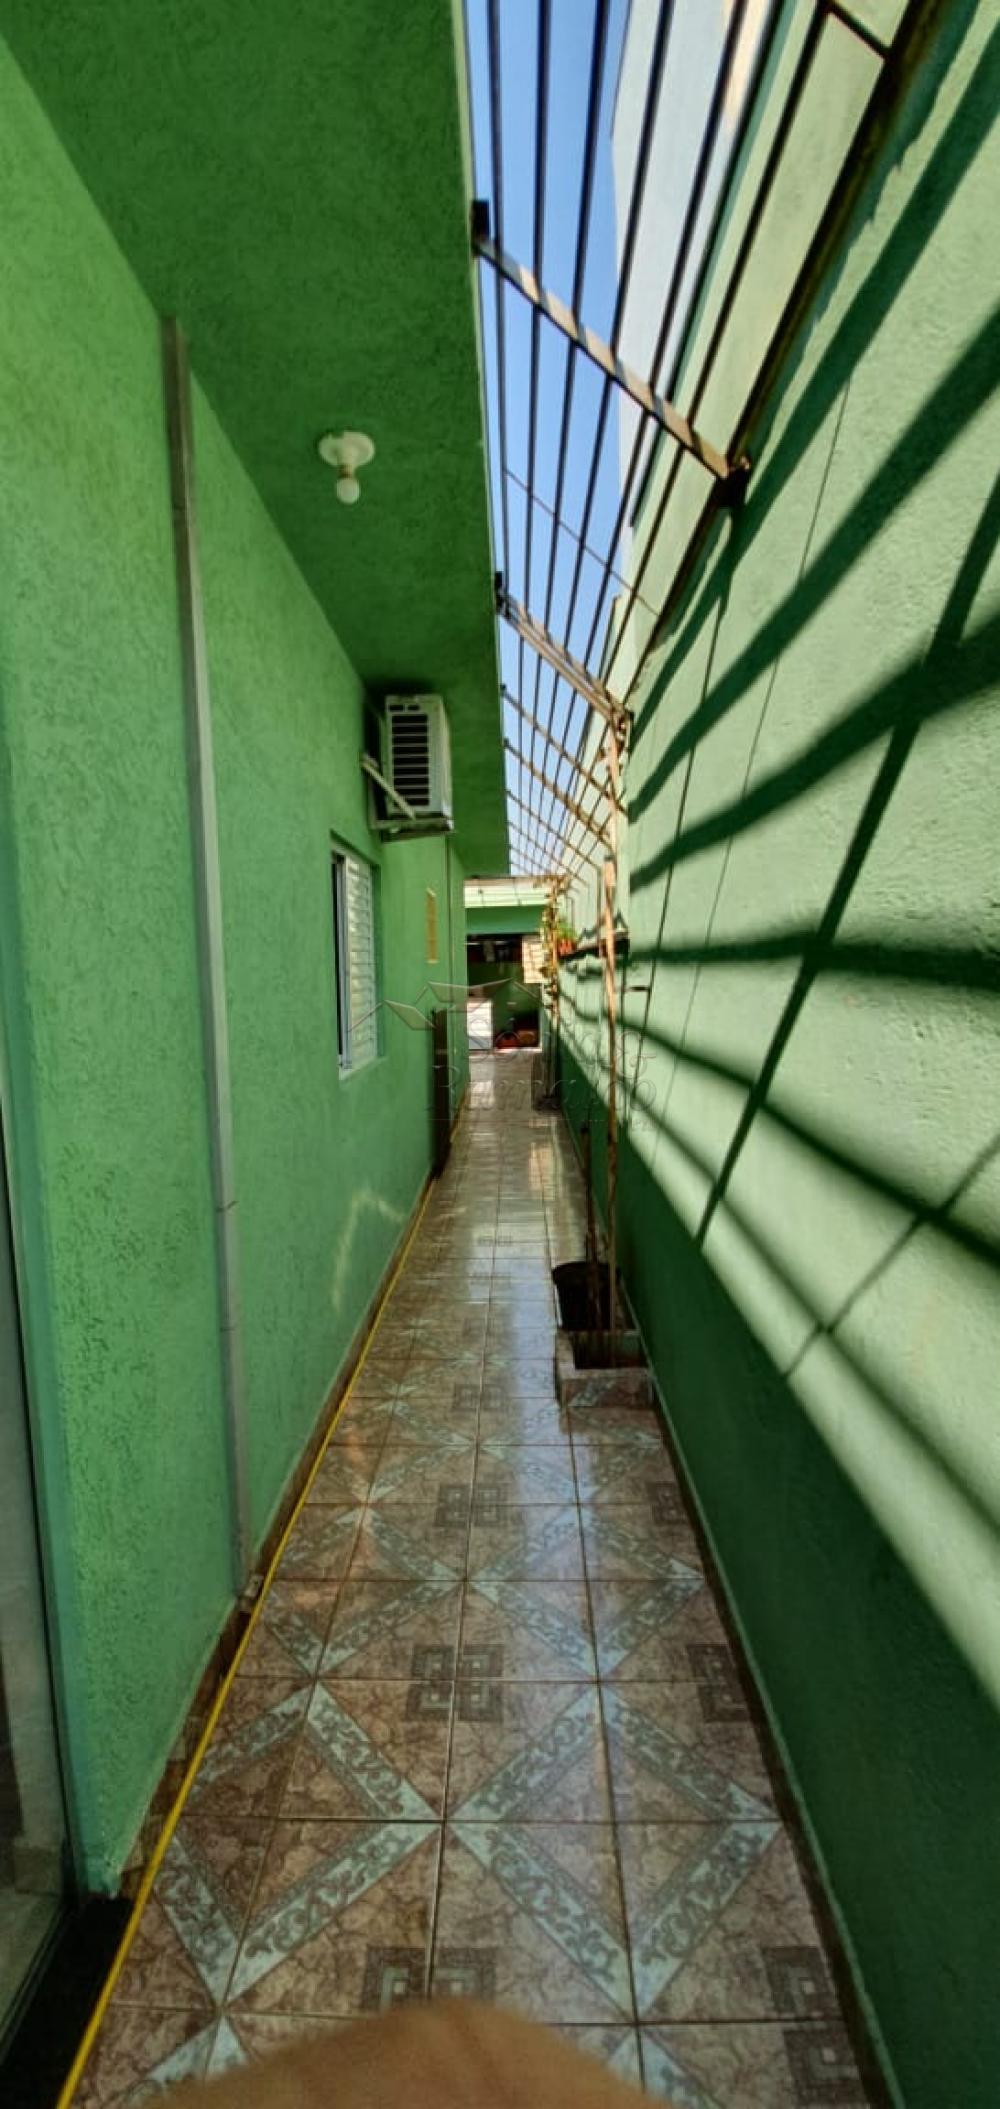 Comprar Casas / Padrão em Ribeirão Preto apenas R$ 330.000,00 - Foto 17